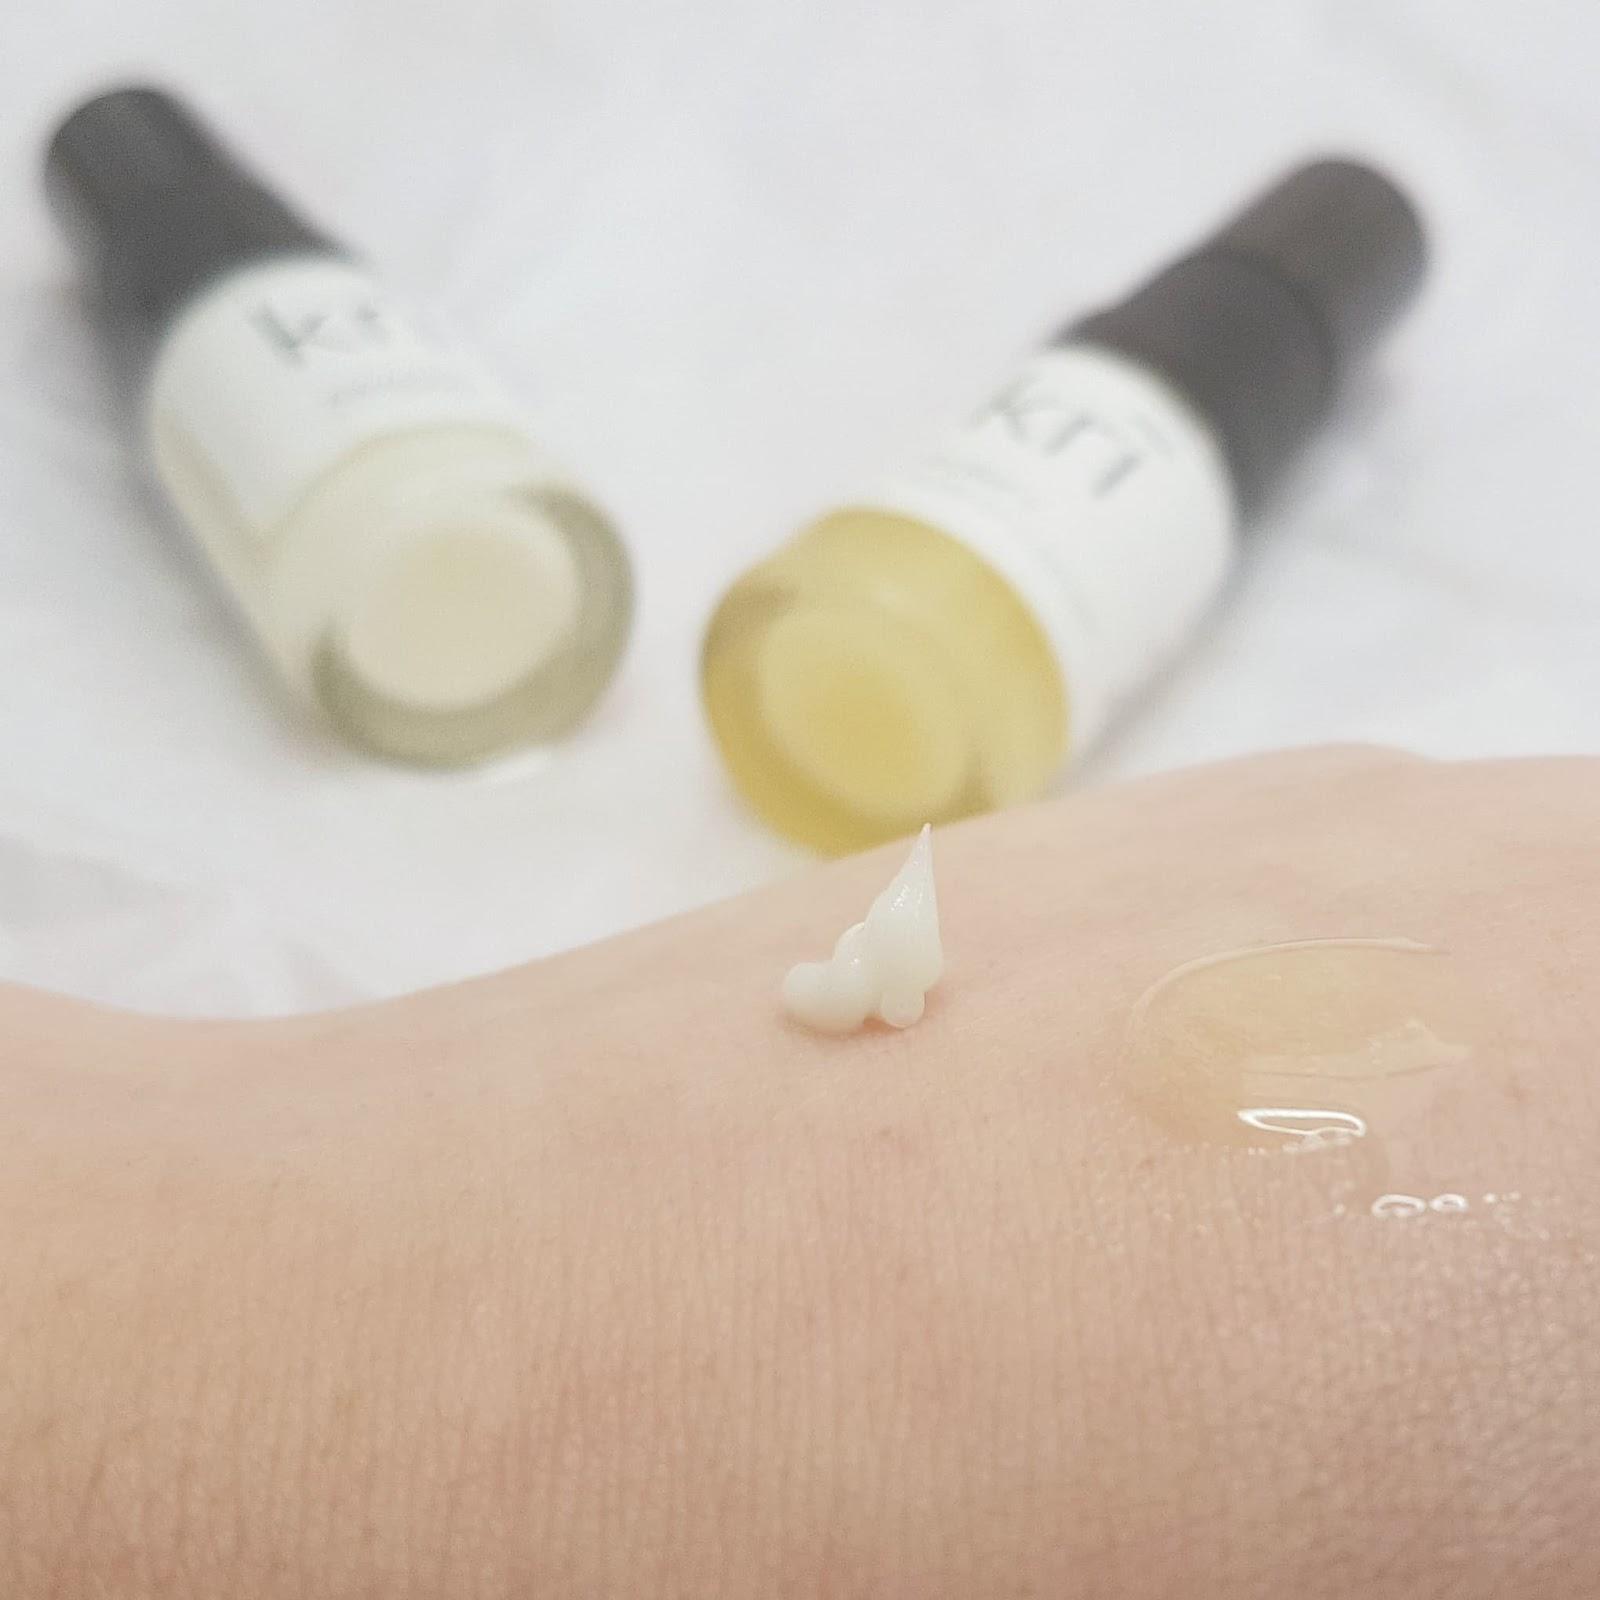 Kri Skincare Samples Review